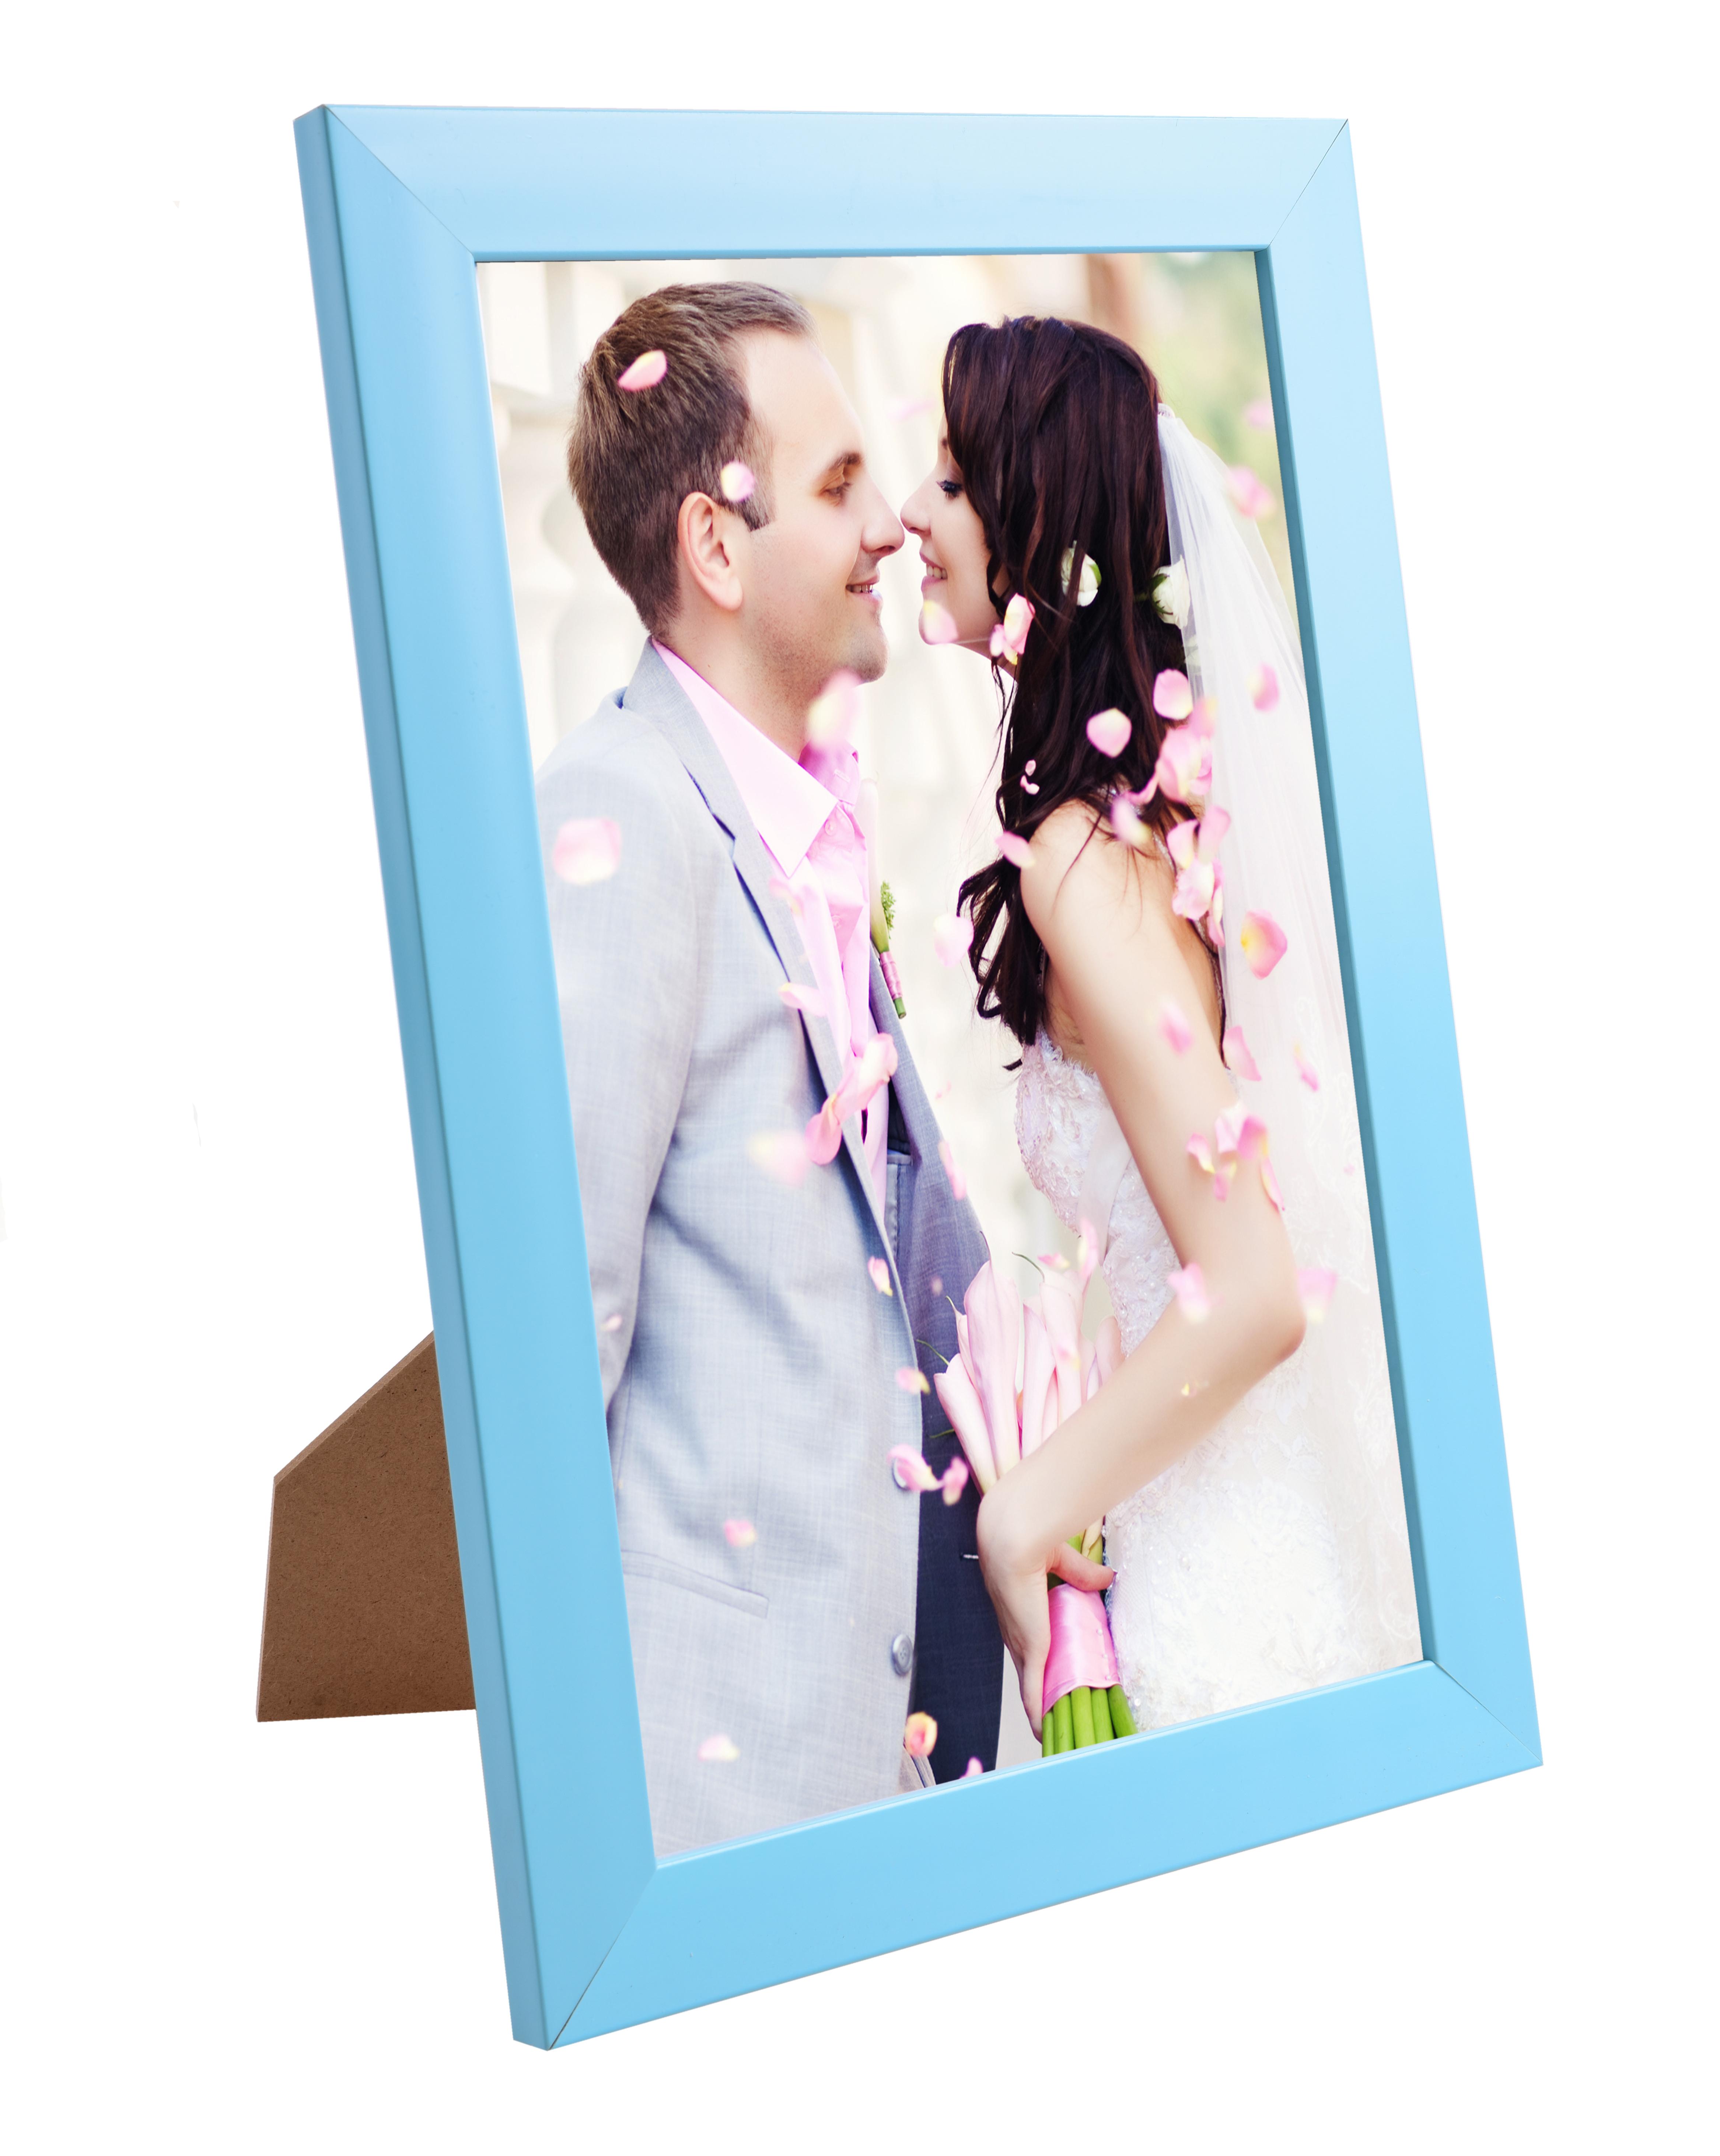 Dřevěný fotorámeček světle modrý na foto 21 x 30 cm